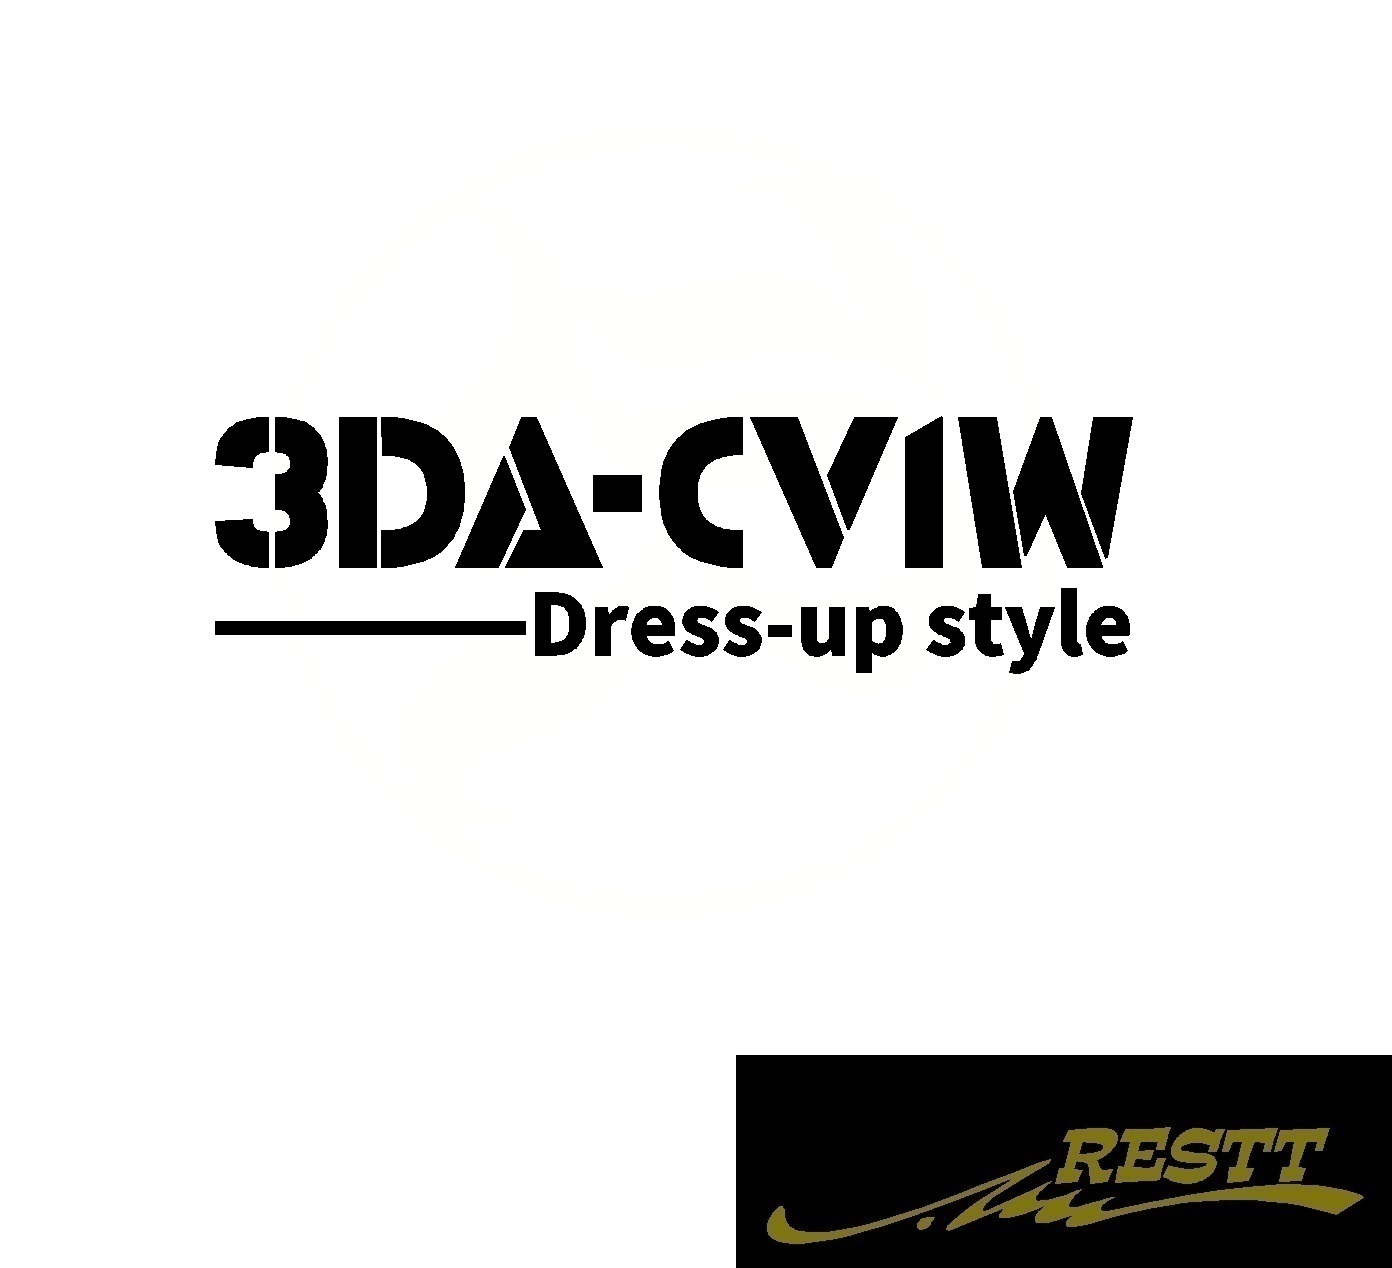 豊富なカラー20色から作成ドレスアップステッカー デリカ D:5 3DA-CV1W 爆買い新作 ドレスアップスタイル ロゴ カッティングステッカー 大サイズ かっこいい デザイン ステッカー 型式 ミツビシ 三菱 特売 おしゃれ